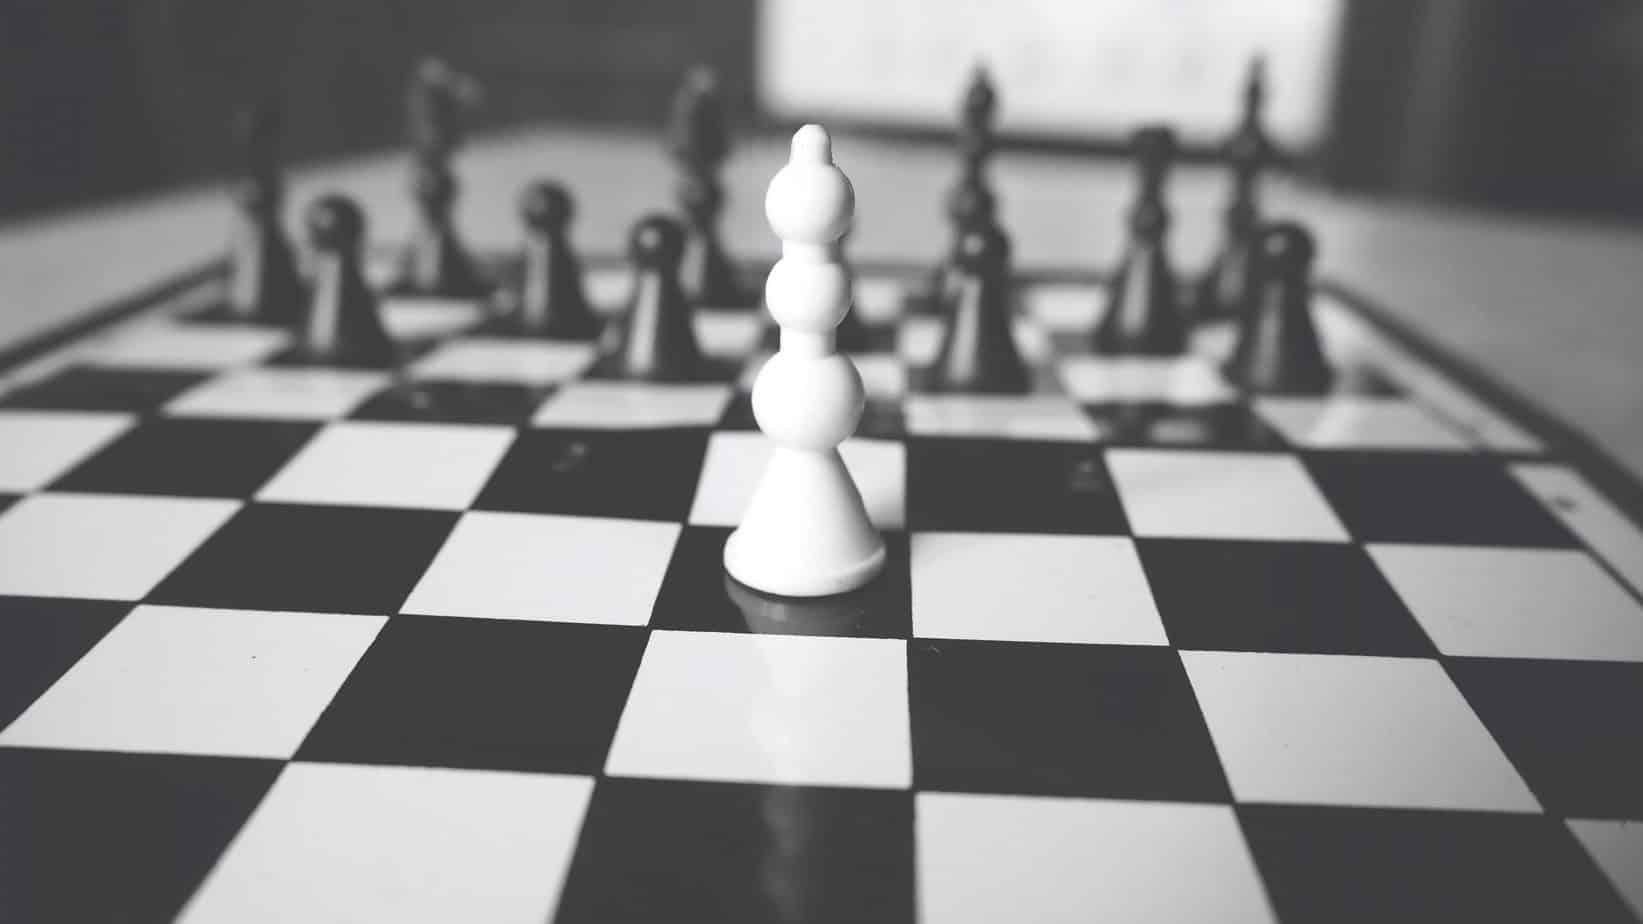 Life like a chess